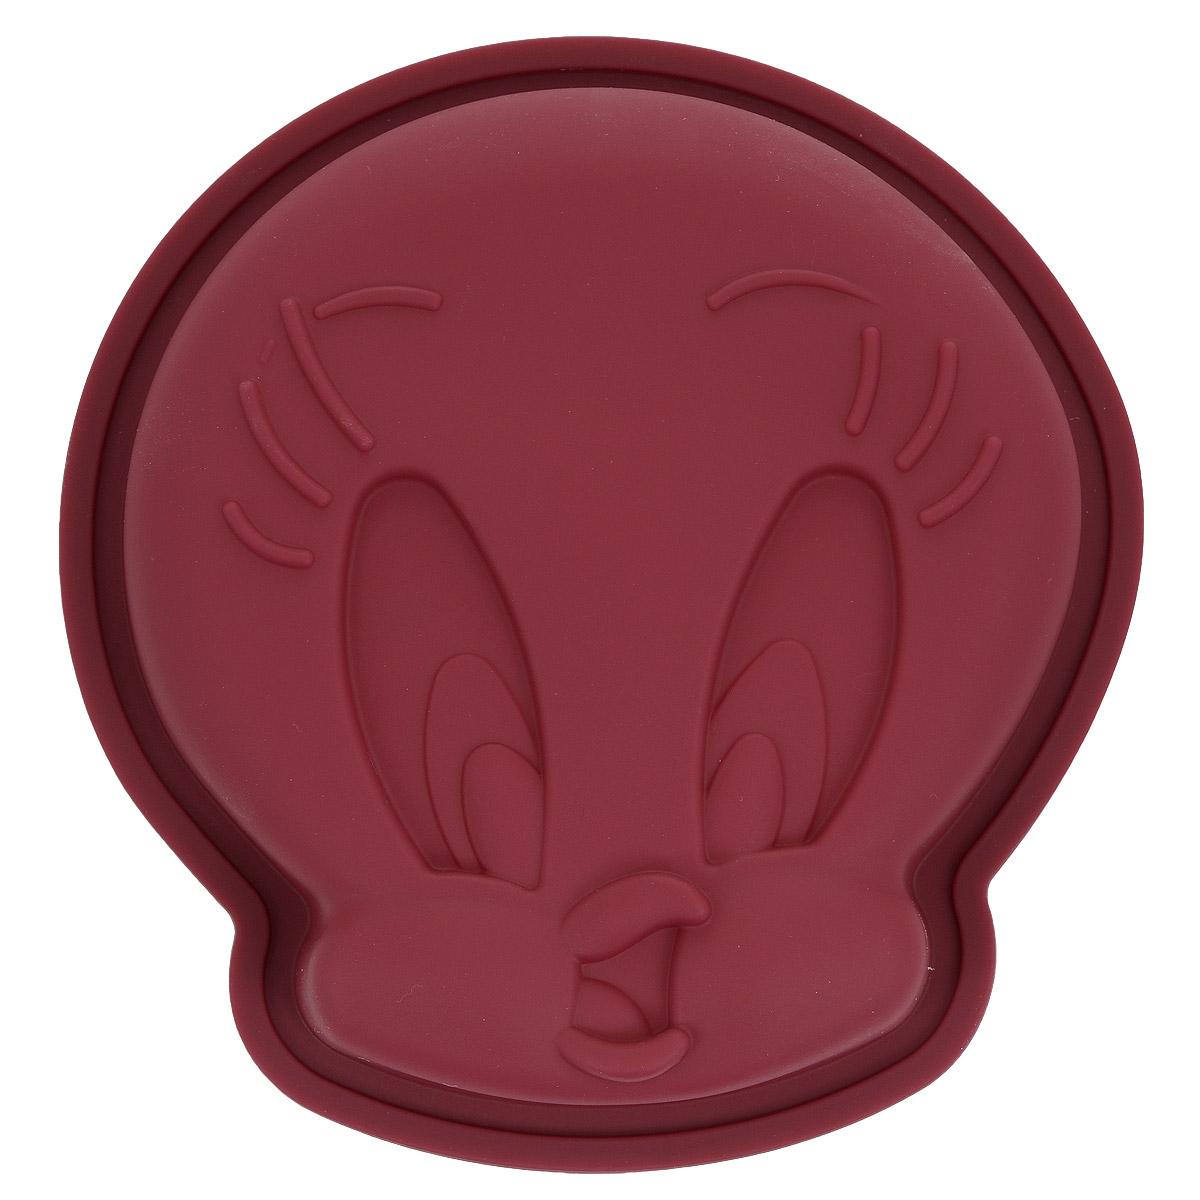 Форма для выпечки Bekker Цыпленок, силиконовая, цвет: бордовыйFS-91909Форма для выпечки Bekker Цыпленок изготовлена из силикона. Силиконовые формы для выпечки имеют много преимуществ по сравнению с традиционными металлическими формами и противнями. Они идеально подходят для использования в микроволновых, газовых и электрических печах при температурах до +250°С. В случае заморозки до -50°С. Можно мыть в посудомоечной машине. За счет высокой теплопроводности силикона изделия выпекаются заметно быстрее. Благодаря гибкости и антиприлипающим свойствам силикона, готовое изделие легко извлекается из формы. Для этого достаточно отогнуть края и вывернуть форму (выпечке дайте немного остыть, а замороженный продукт лучше вынимать сразу). Силикон абсолютно безвреден для здоровья, не впитывает запахи, не оставляет пятен, легко моется. Форма для выпечки Bekker Цыпленок - практичный и необходимый подарок любой хозяйке!